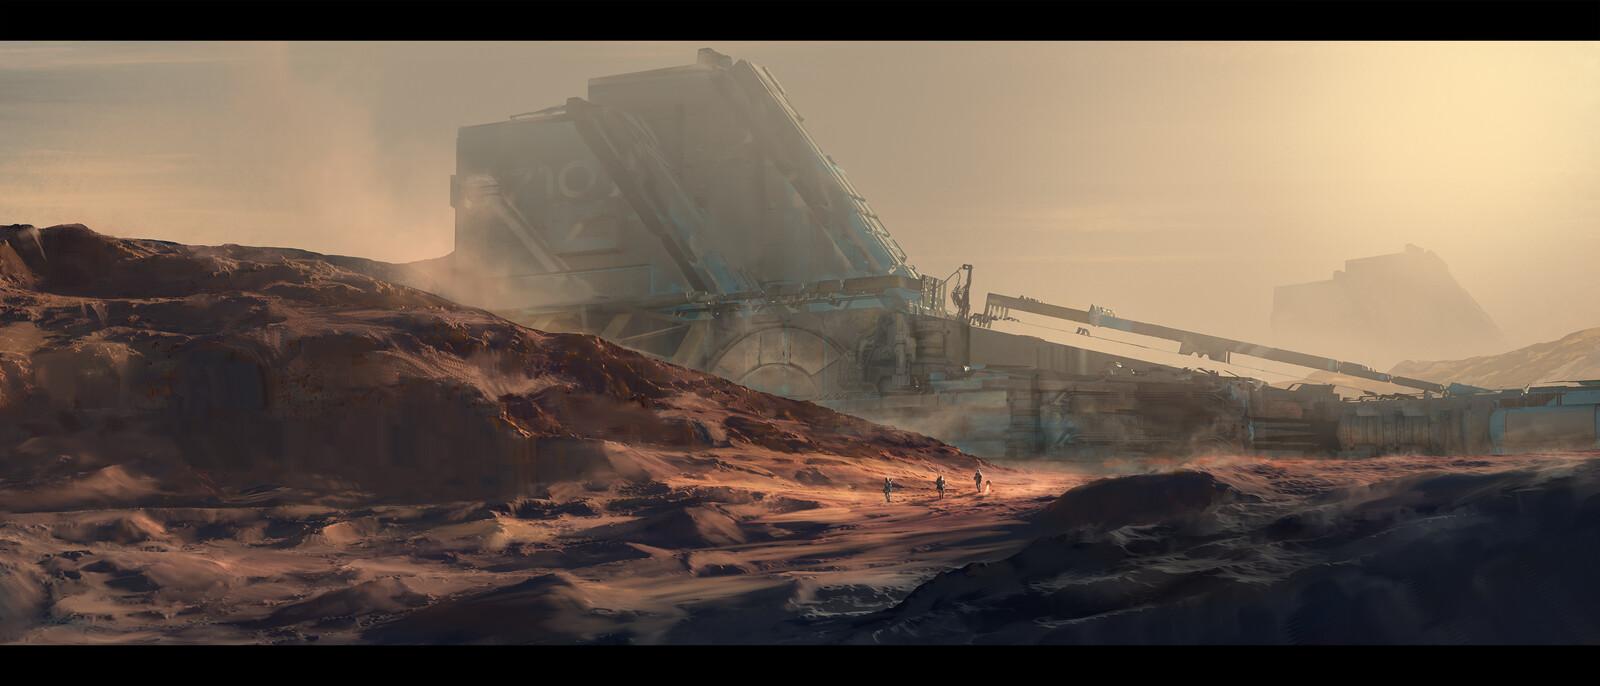 0710 - Mining Facility